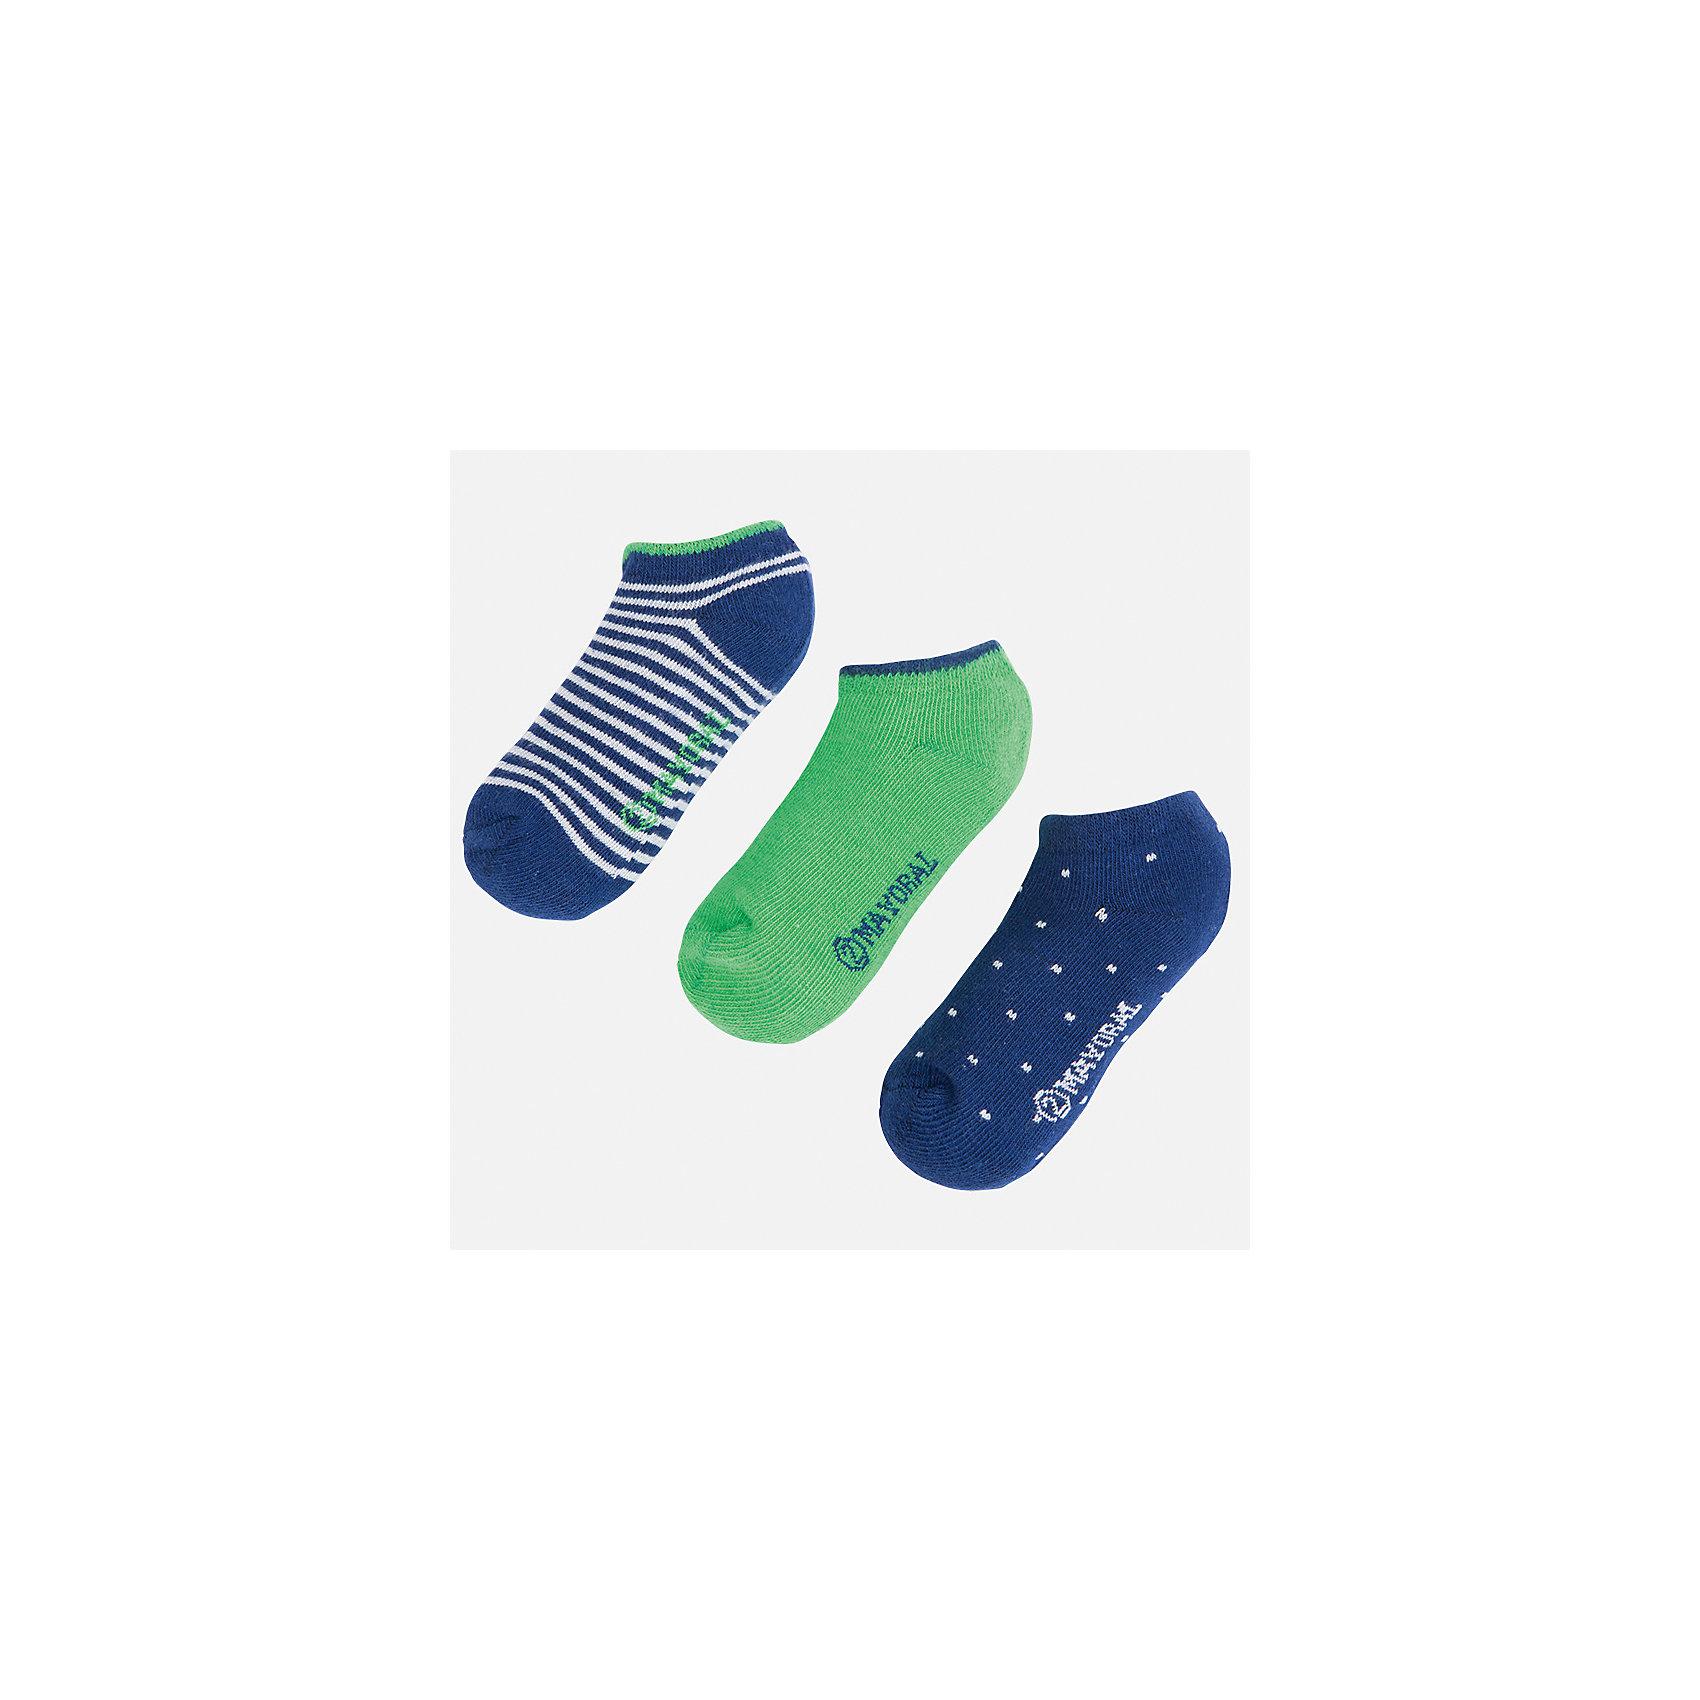 Носки (3 пары) для мальчика MayoralНоски<br>Характеристики товара:<br><br>• цвет: синий/зеленый<br>• состав: 72% хлопок, 25% полиамид, 3% эластан<br>• комплектация: три пары<br>• мягкая резинка<br>• эластичный материал<br>• декорированы рисунком<br>• страна бренда: Испания<br><br>Удобные симпатичные носки для мальчика помогут обеспечить ребенку комфорт и дополнить наряд. Универсальный цвет позволяет надевать их под обувь разных расцветок. Носки удобно сидят на ноге и аккуратно смотрятся. Этот комплект - практичный и красивый! В составе материала - натуральный хлопок, гипоаллергенный, приятный на ощупь, дышащий. <br><br>Одежда, обувь и аксессуары от испанского бренда Mayoral полюбились детям и взрослым по всему миру. Модели этой марки - стильные и удобные. Для их производства используются только безопасные, качественные материалы и фурнитура. Порадуйте ребенка модными и красивыми вещами от Mayoral! <br><br>Носки (3 пары) для мальчика от испанского бренда Mayoral (Майорал) можно купить в нашем интернет-магазине.<br><br>Ширина мм: 87<br>Глубина мм: 10<br>Высота мм: 105<br>Вес г: 115<br>Цвет: синий/зеленый<br>Возраст от месяцев: 72<br>Возраст до месяцев: 96<br>Пол: Мужской<br>Возраст: Детский<br>Размер: 8,6,2,4<br>SKU: 5294362